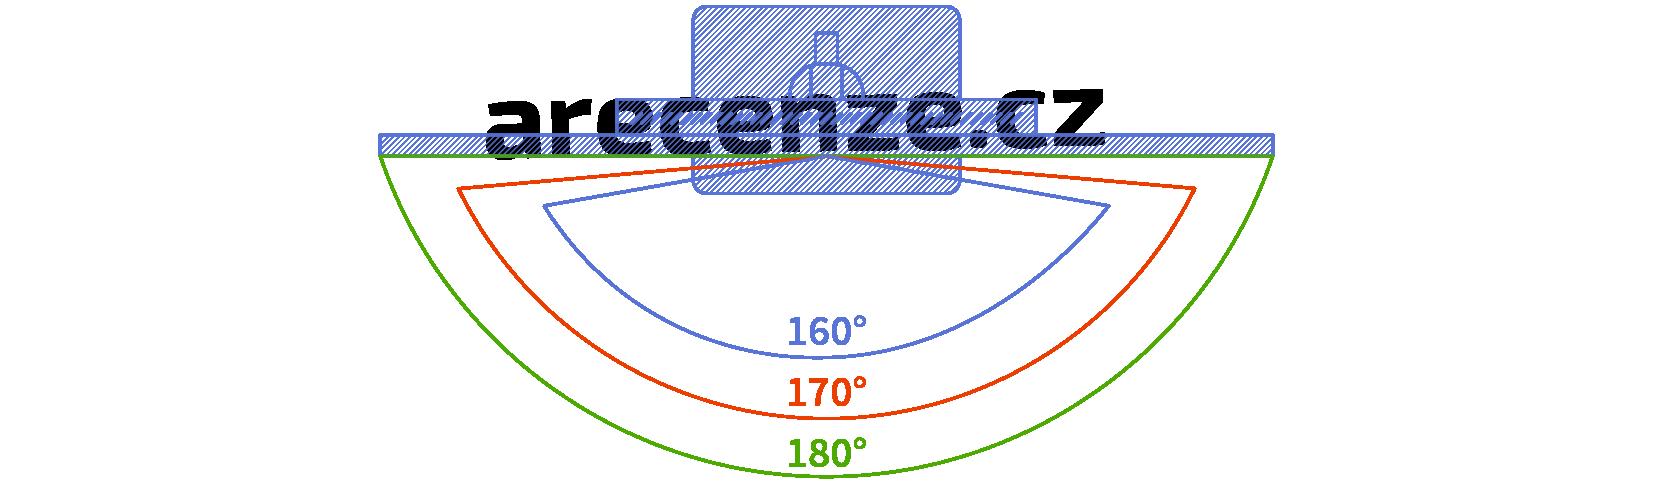 Pozorovacie uhly monitora